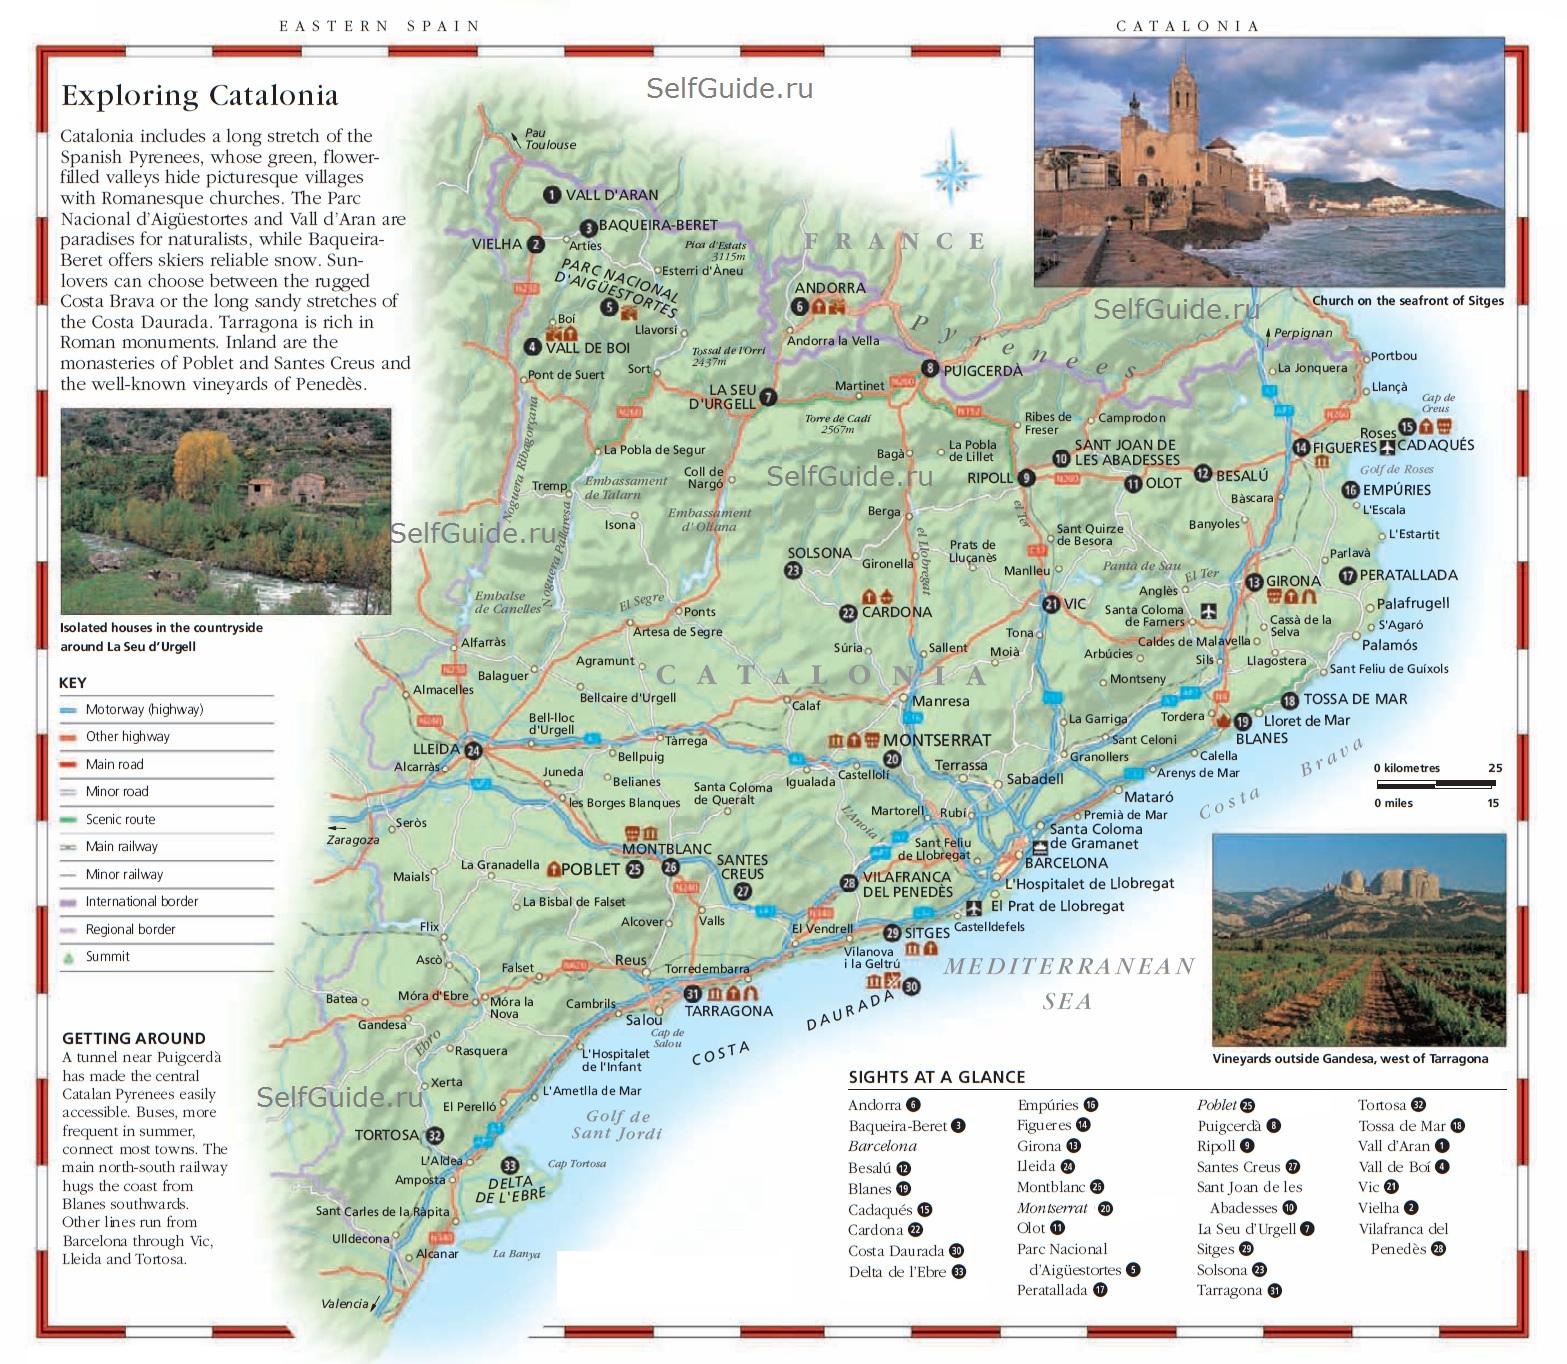 Самые интересные достопримечательности Каталонии на карте